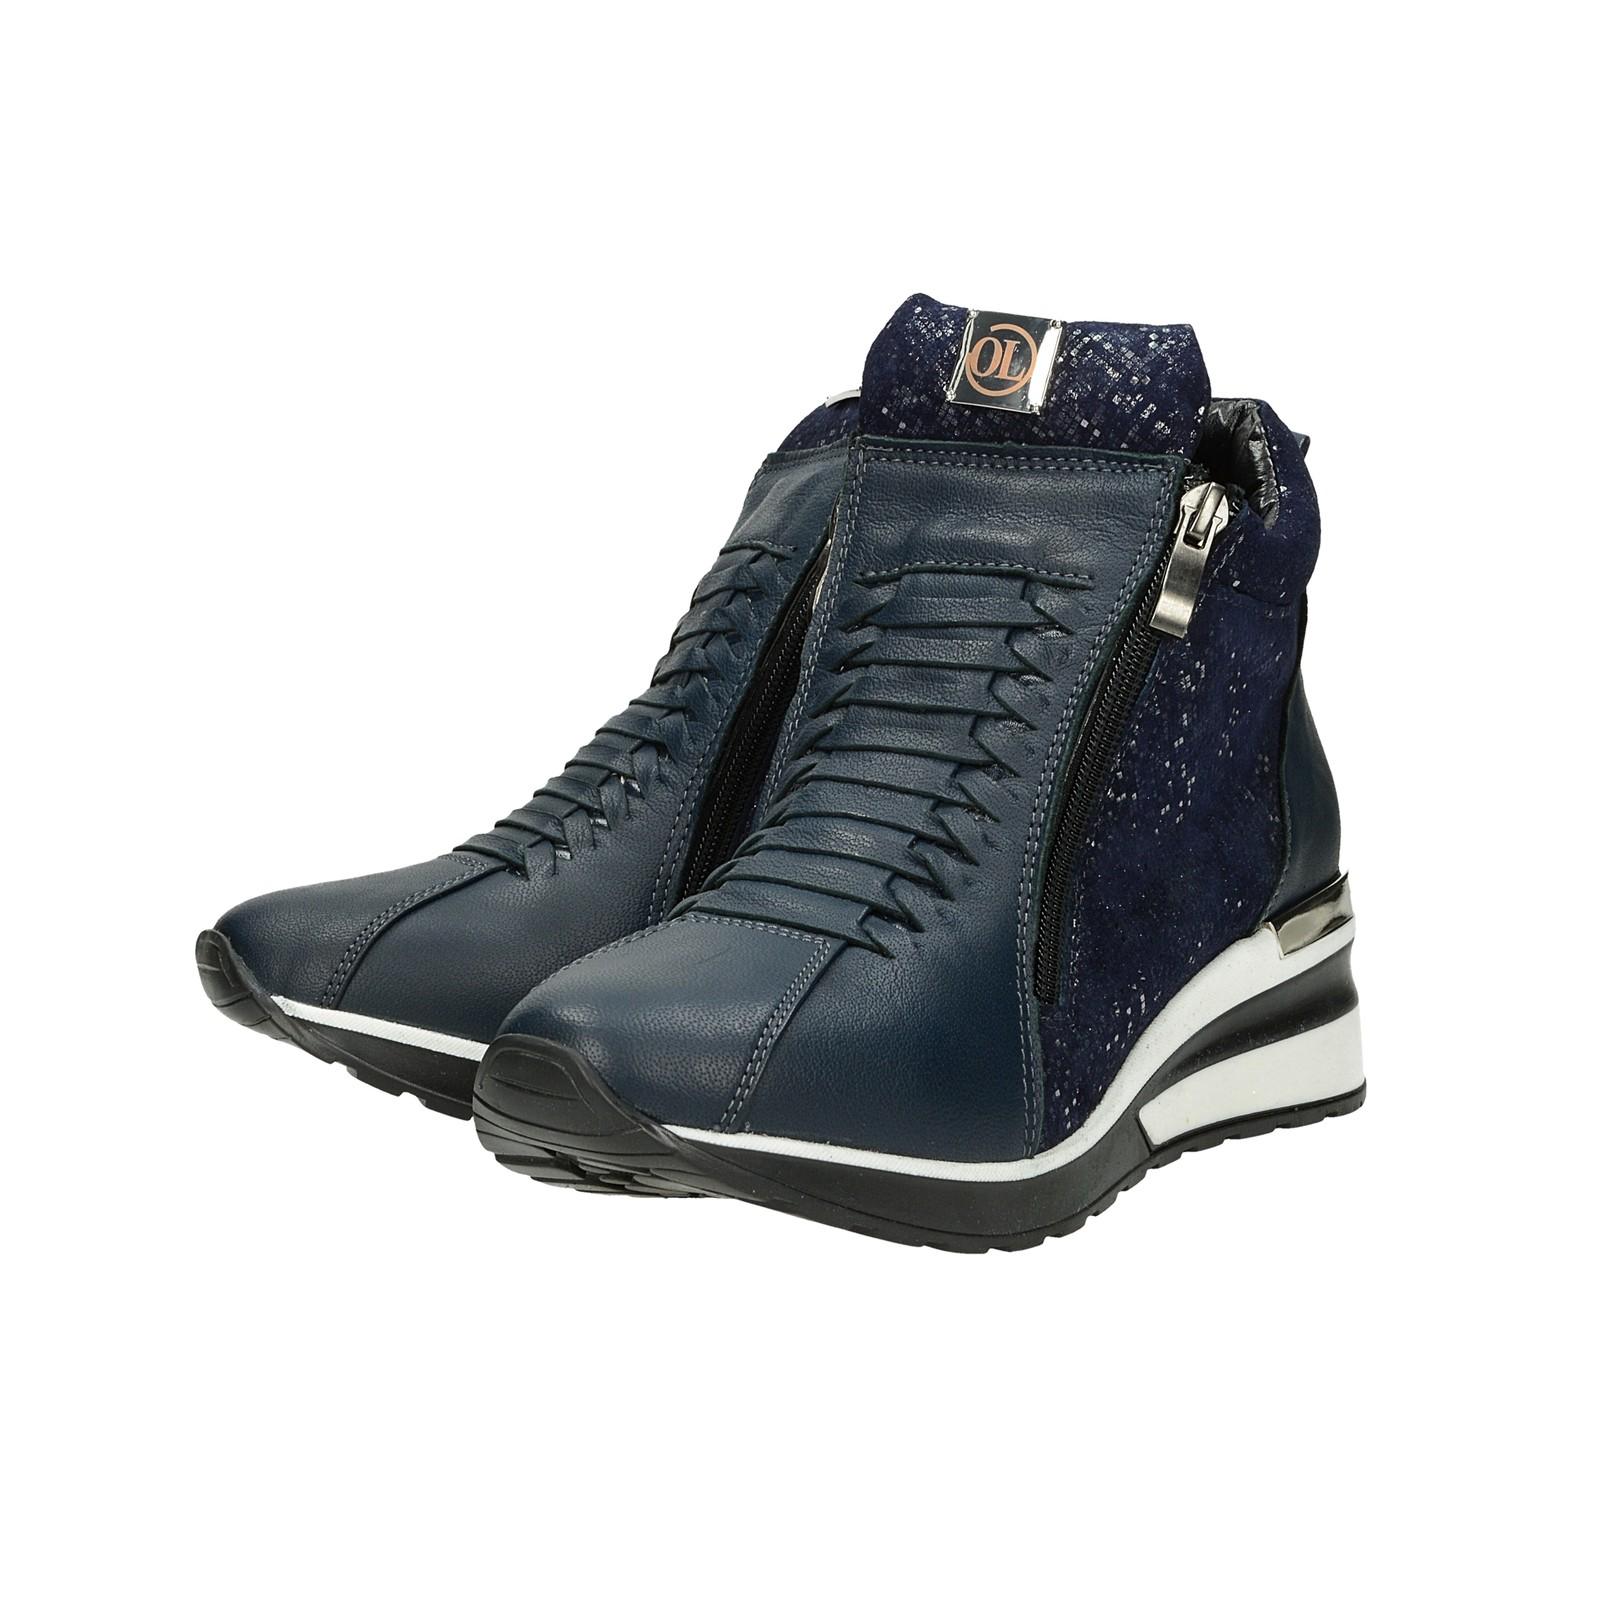 21430dae1b81 ... Olivia shoes dámske kožené štýlové kotníky - modré ...